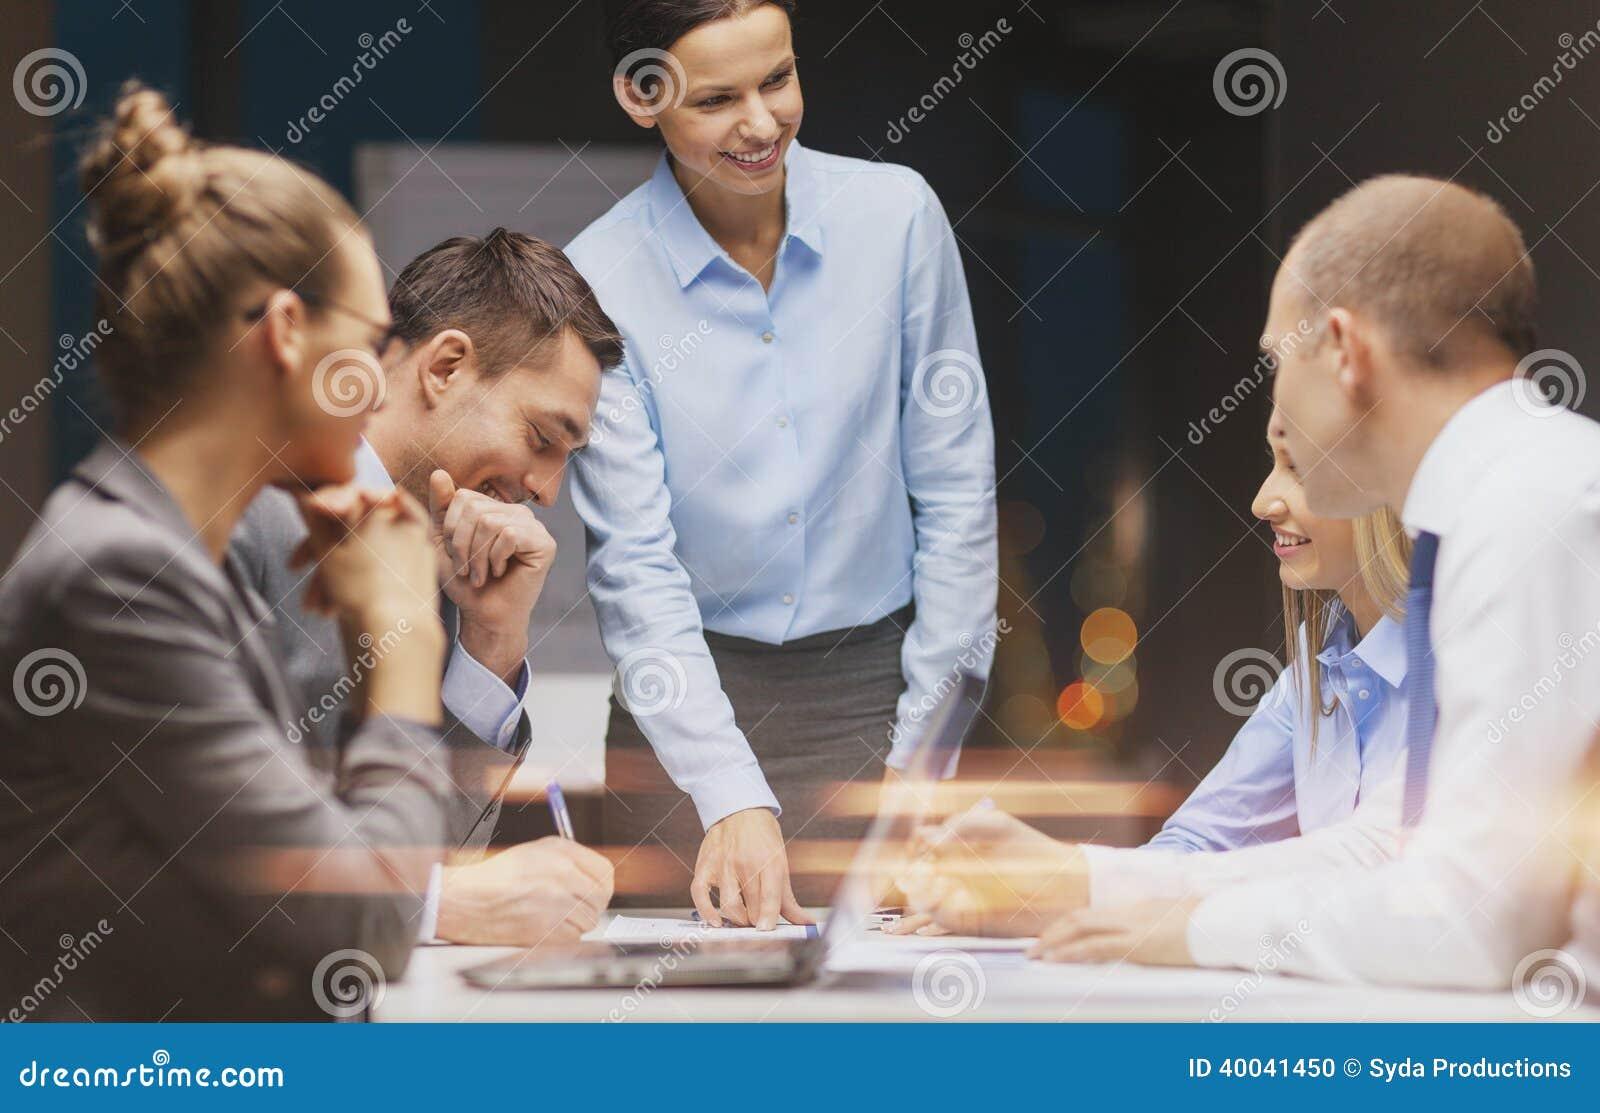 Lächelnder weiblicher Chef, der mit Geschäftsteam spricht